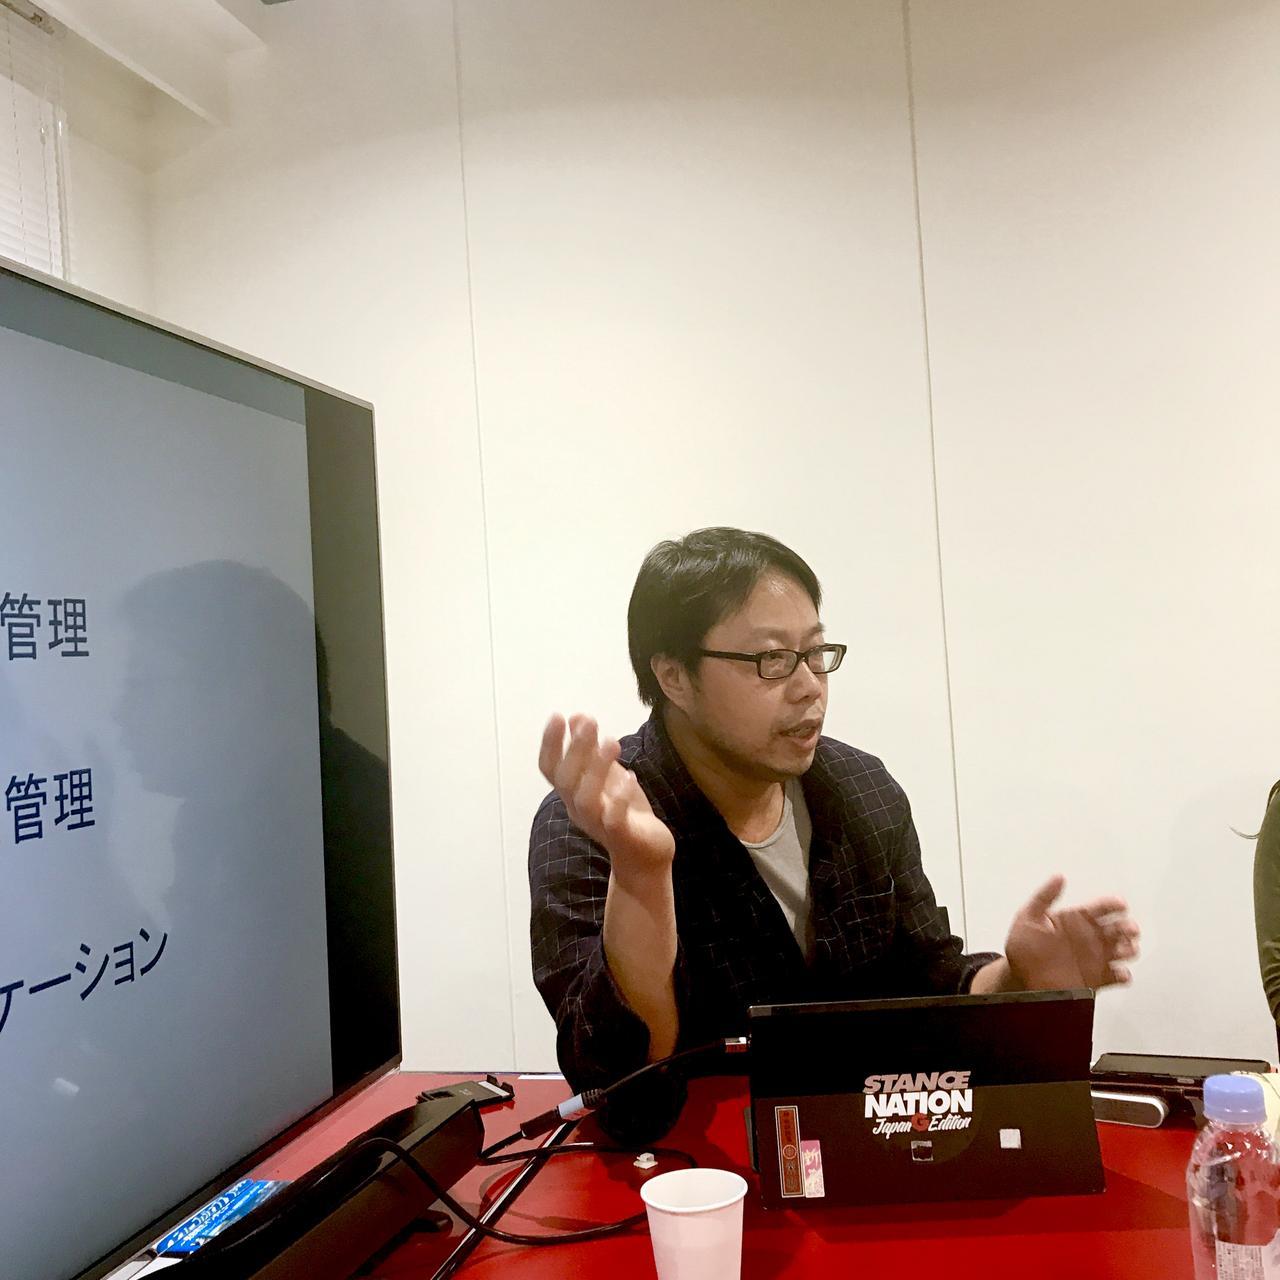 画像: 神谷アントニオ(44歳) UC Berkeley で神経細胞生物学部を卒業後、Kamiya Consultingを起業し(現存)、ローカライゼーション(売却済)、 雑誌同梱用CD-ROM制作、情報システム開発および運用の受託開発事業に従事する。平行して日本の書籍輸入サービス Fujisan.com(売却済)、日本で最初の雑誌定期購読エージェント株式会社富士山マガジンサービス(現存)を起業し、それぞれでCTOを担当する。